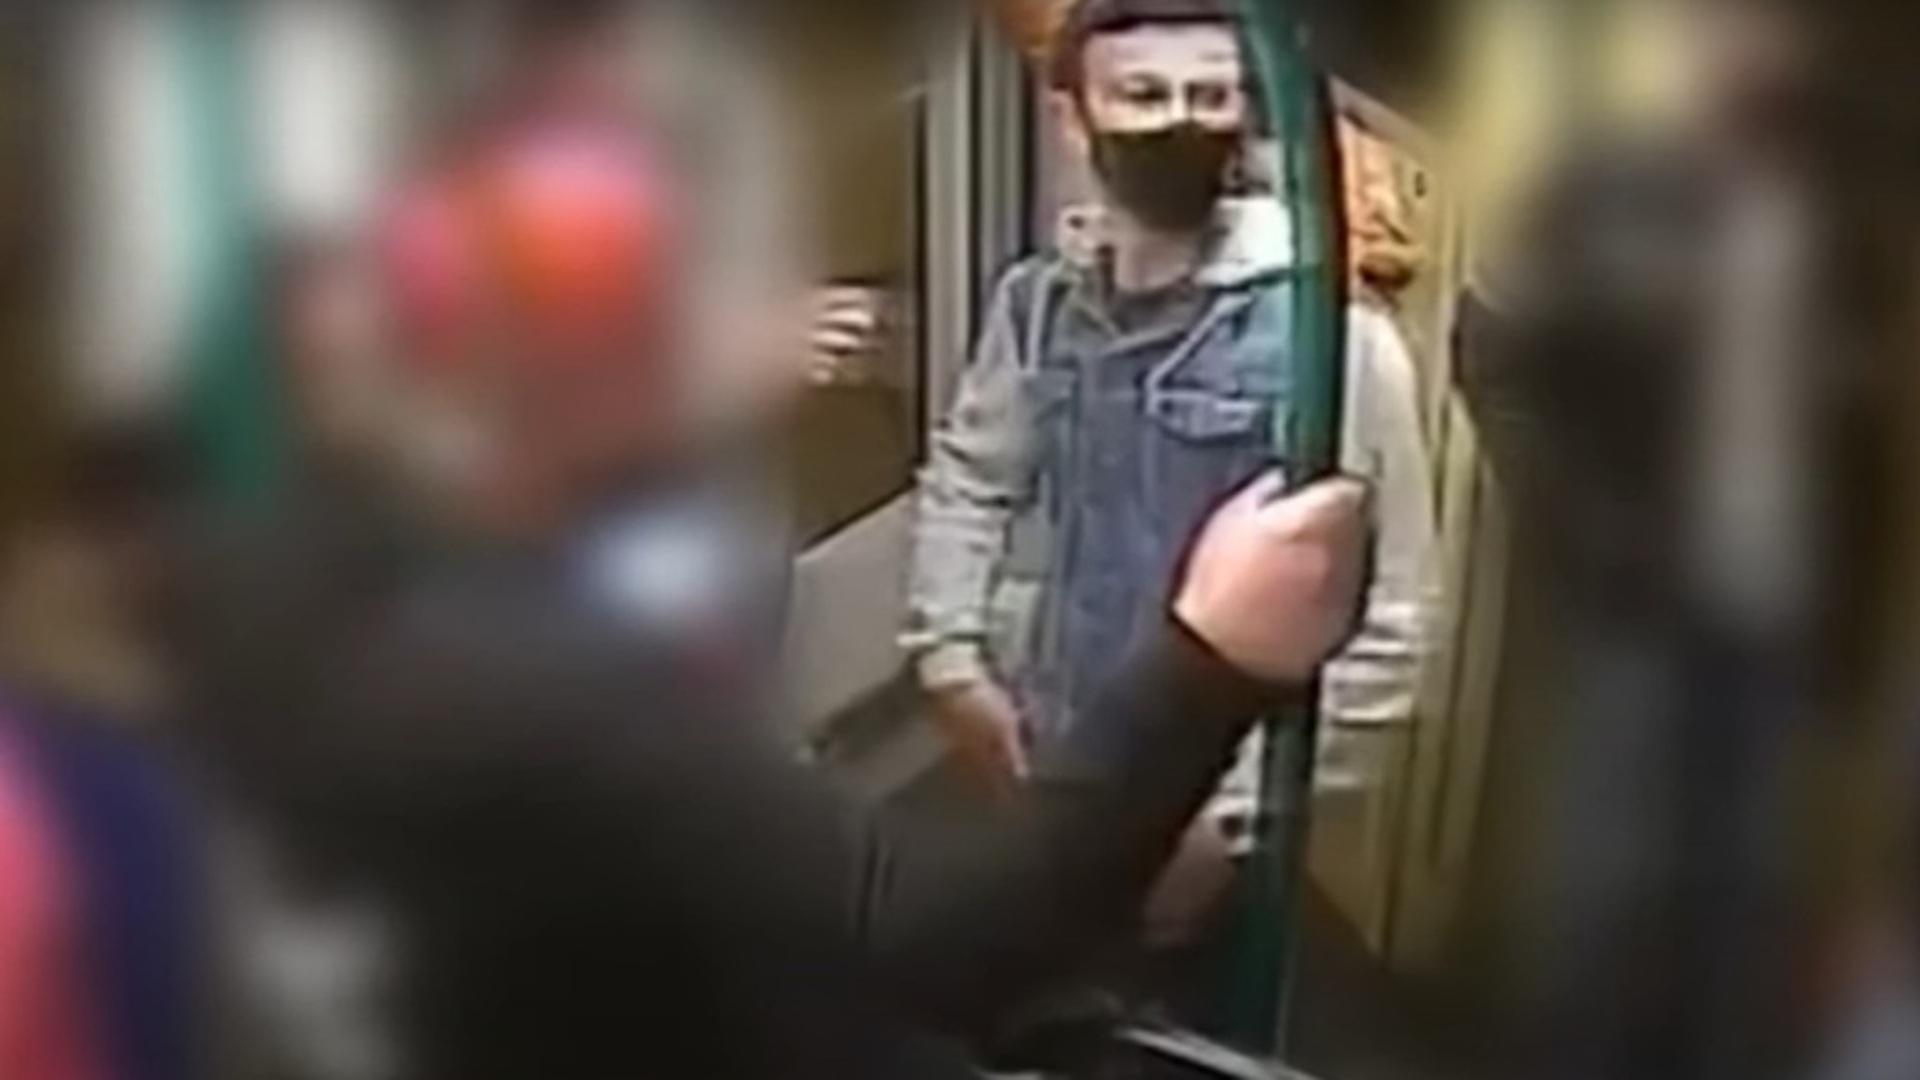 A lakosság segítségét kéri a rendőrség: utast bántalmaztak a 4-6-os villamoson